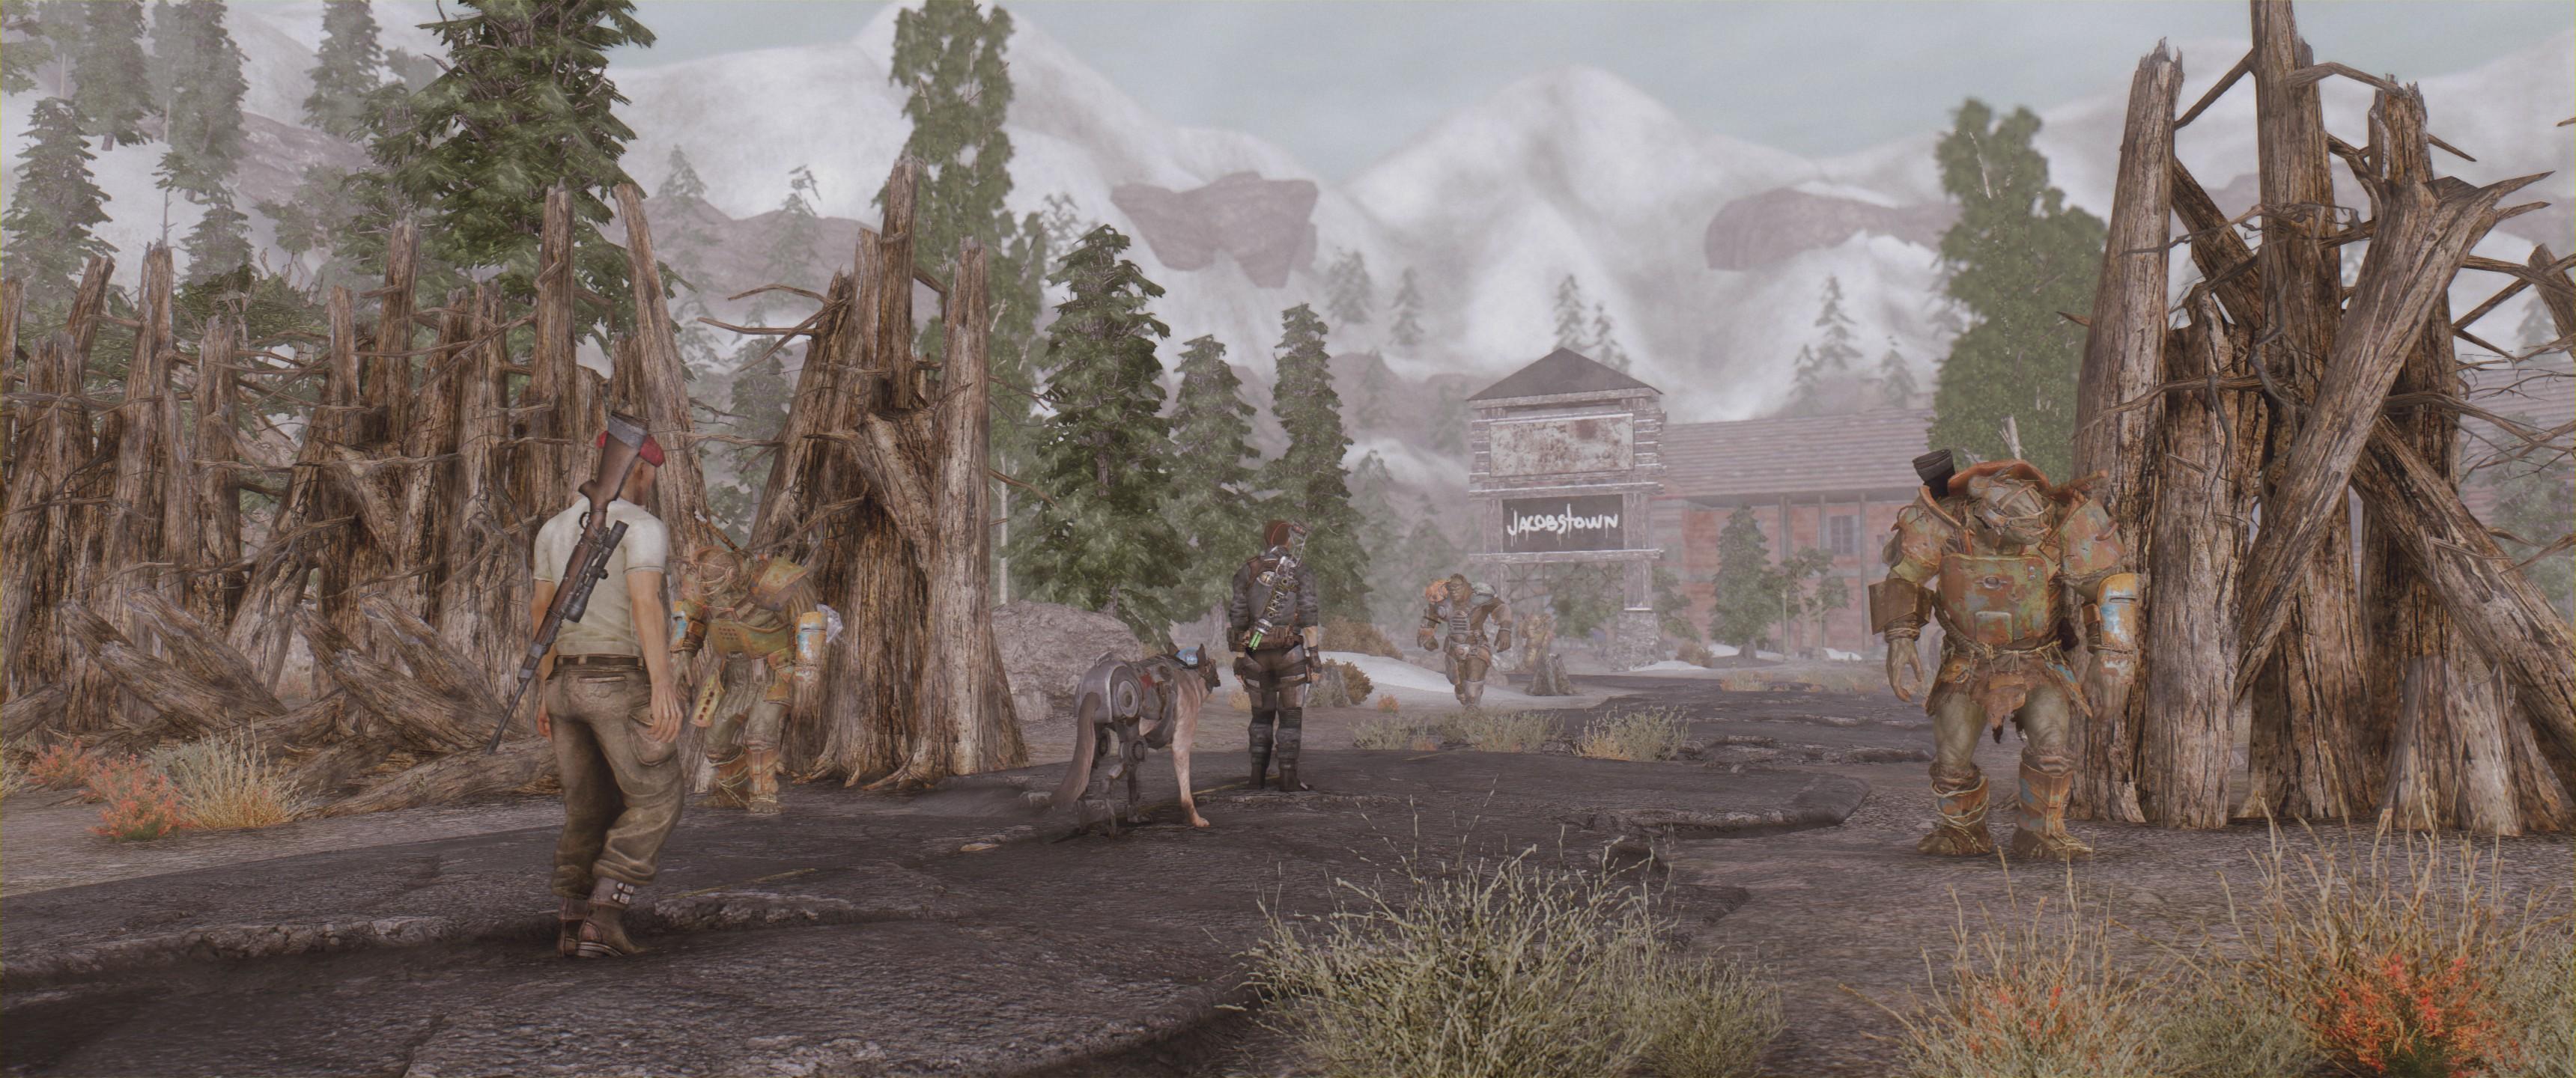 Fallout Screenshots XIII - Page 45 22380-screenshots-20190714134352-1